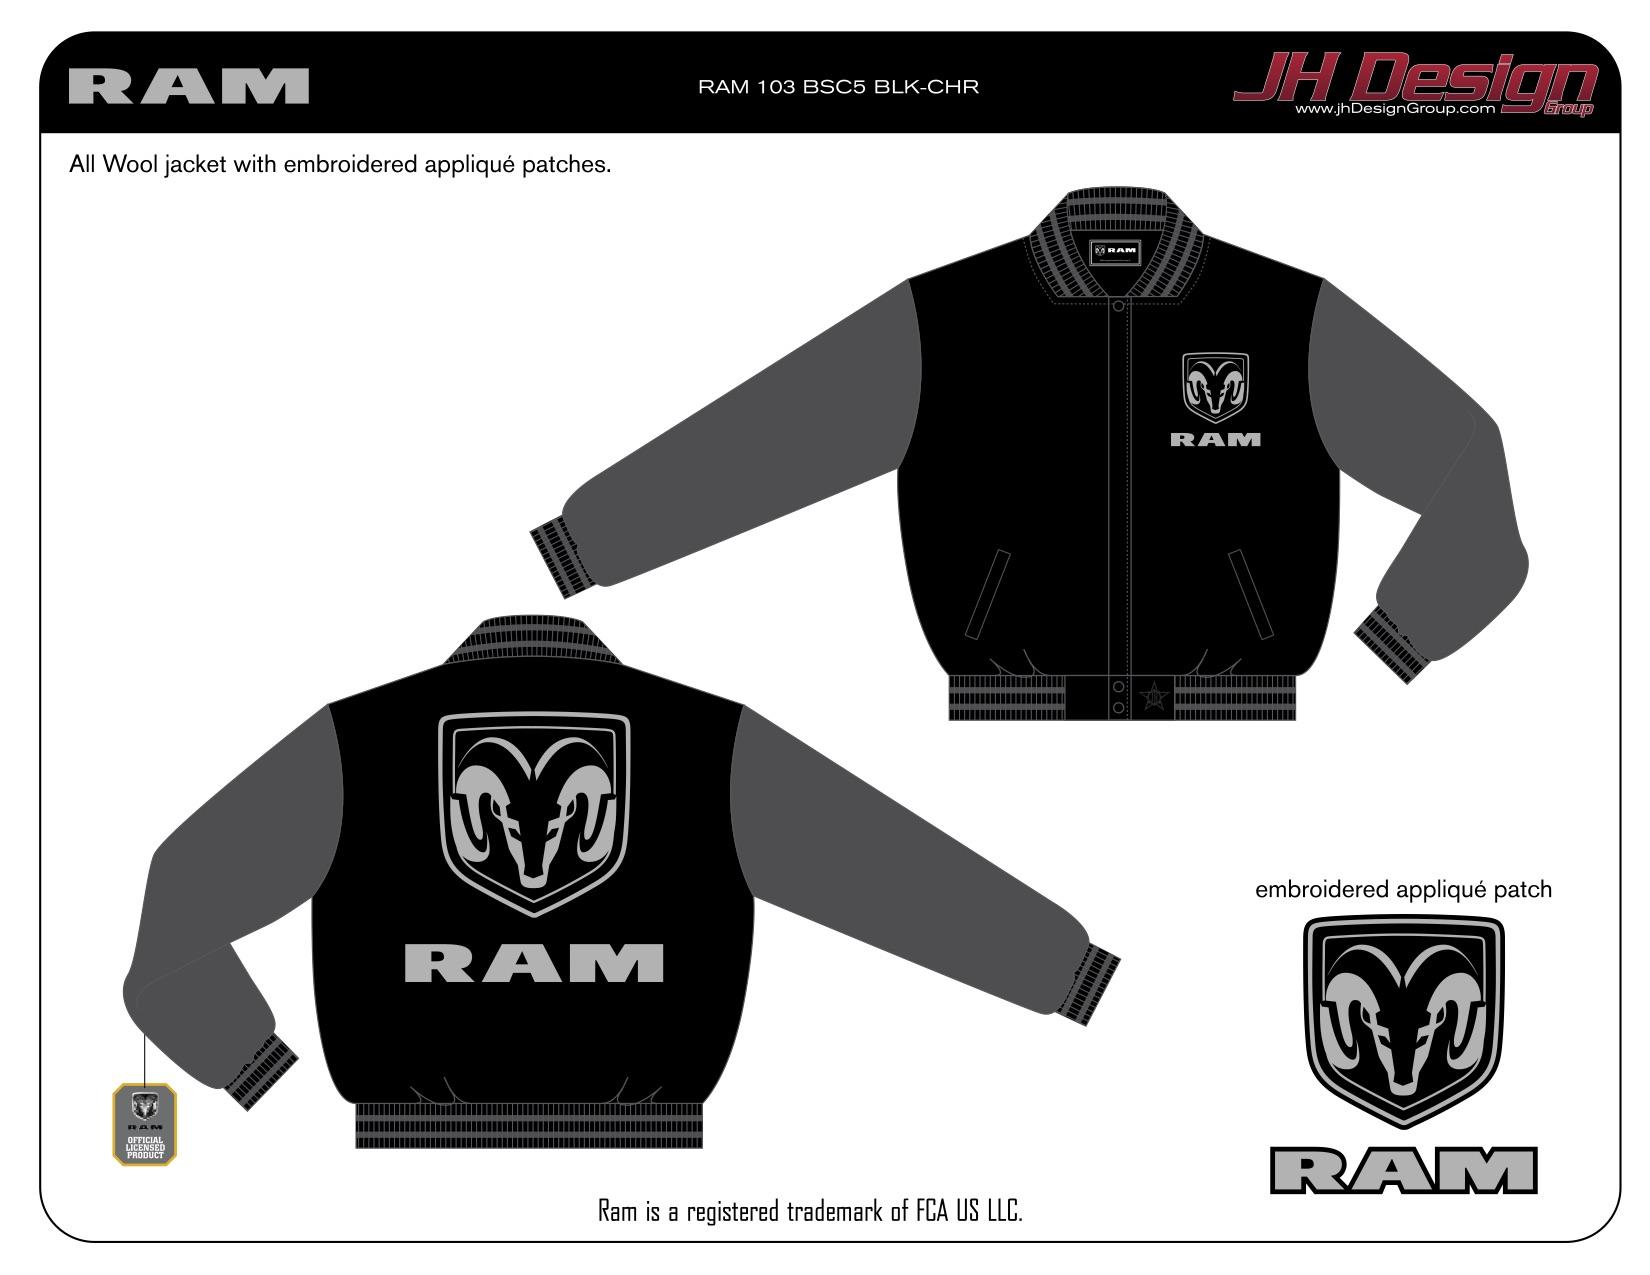 RAM 103 BSC5 BLK-CHR